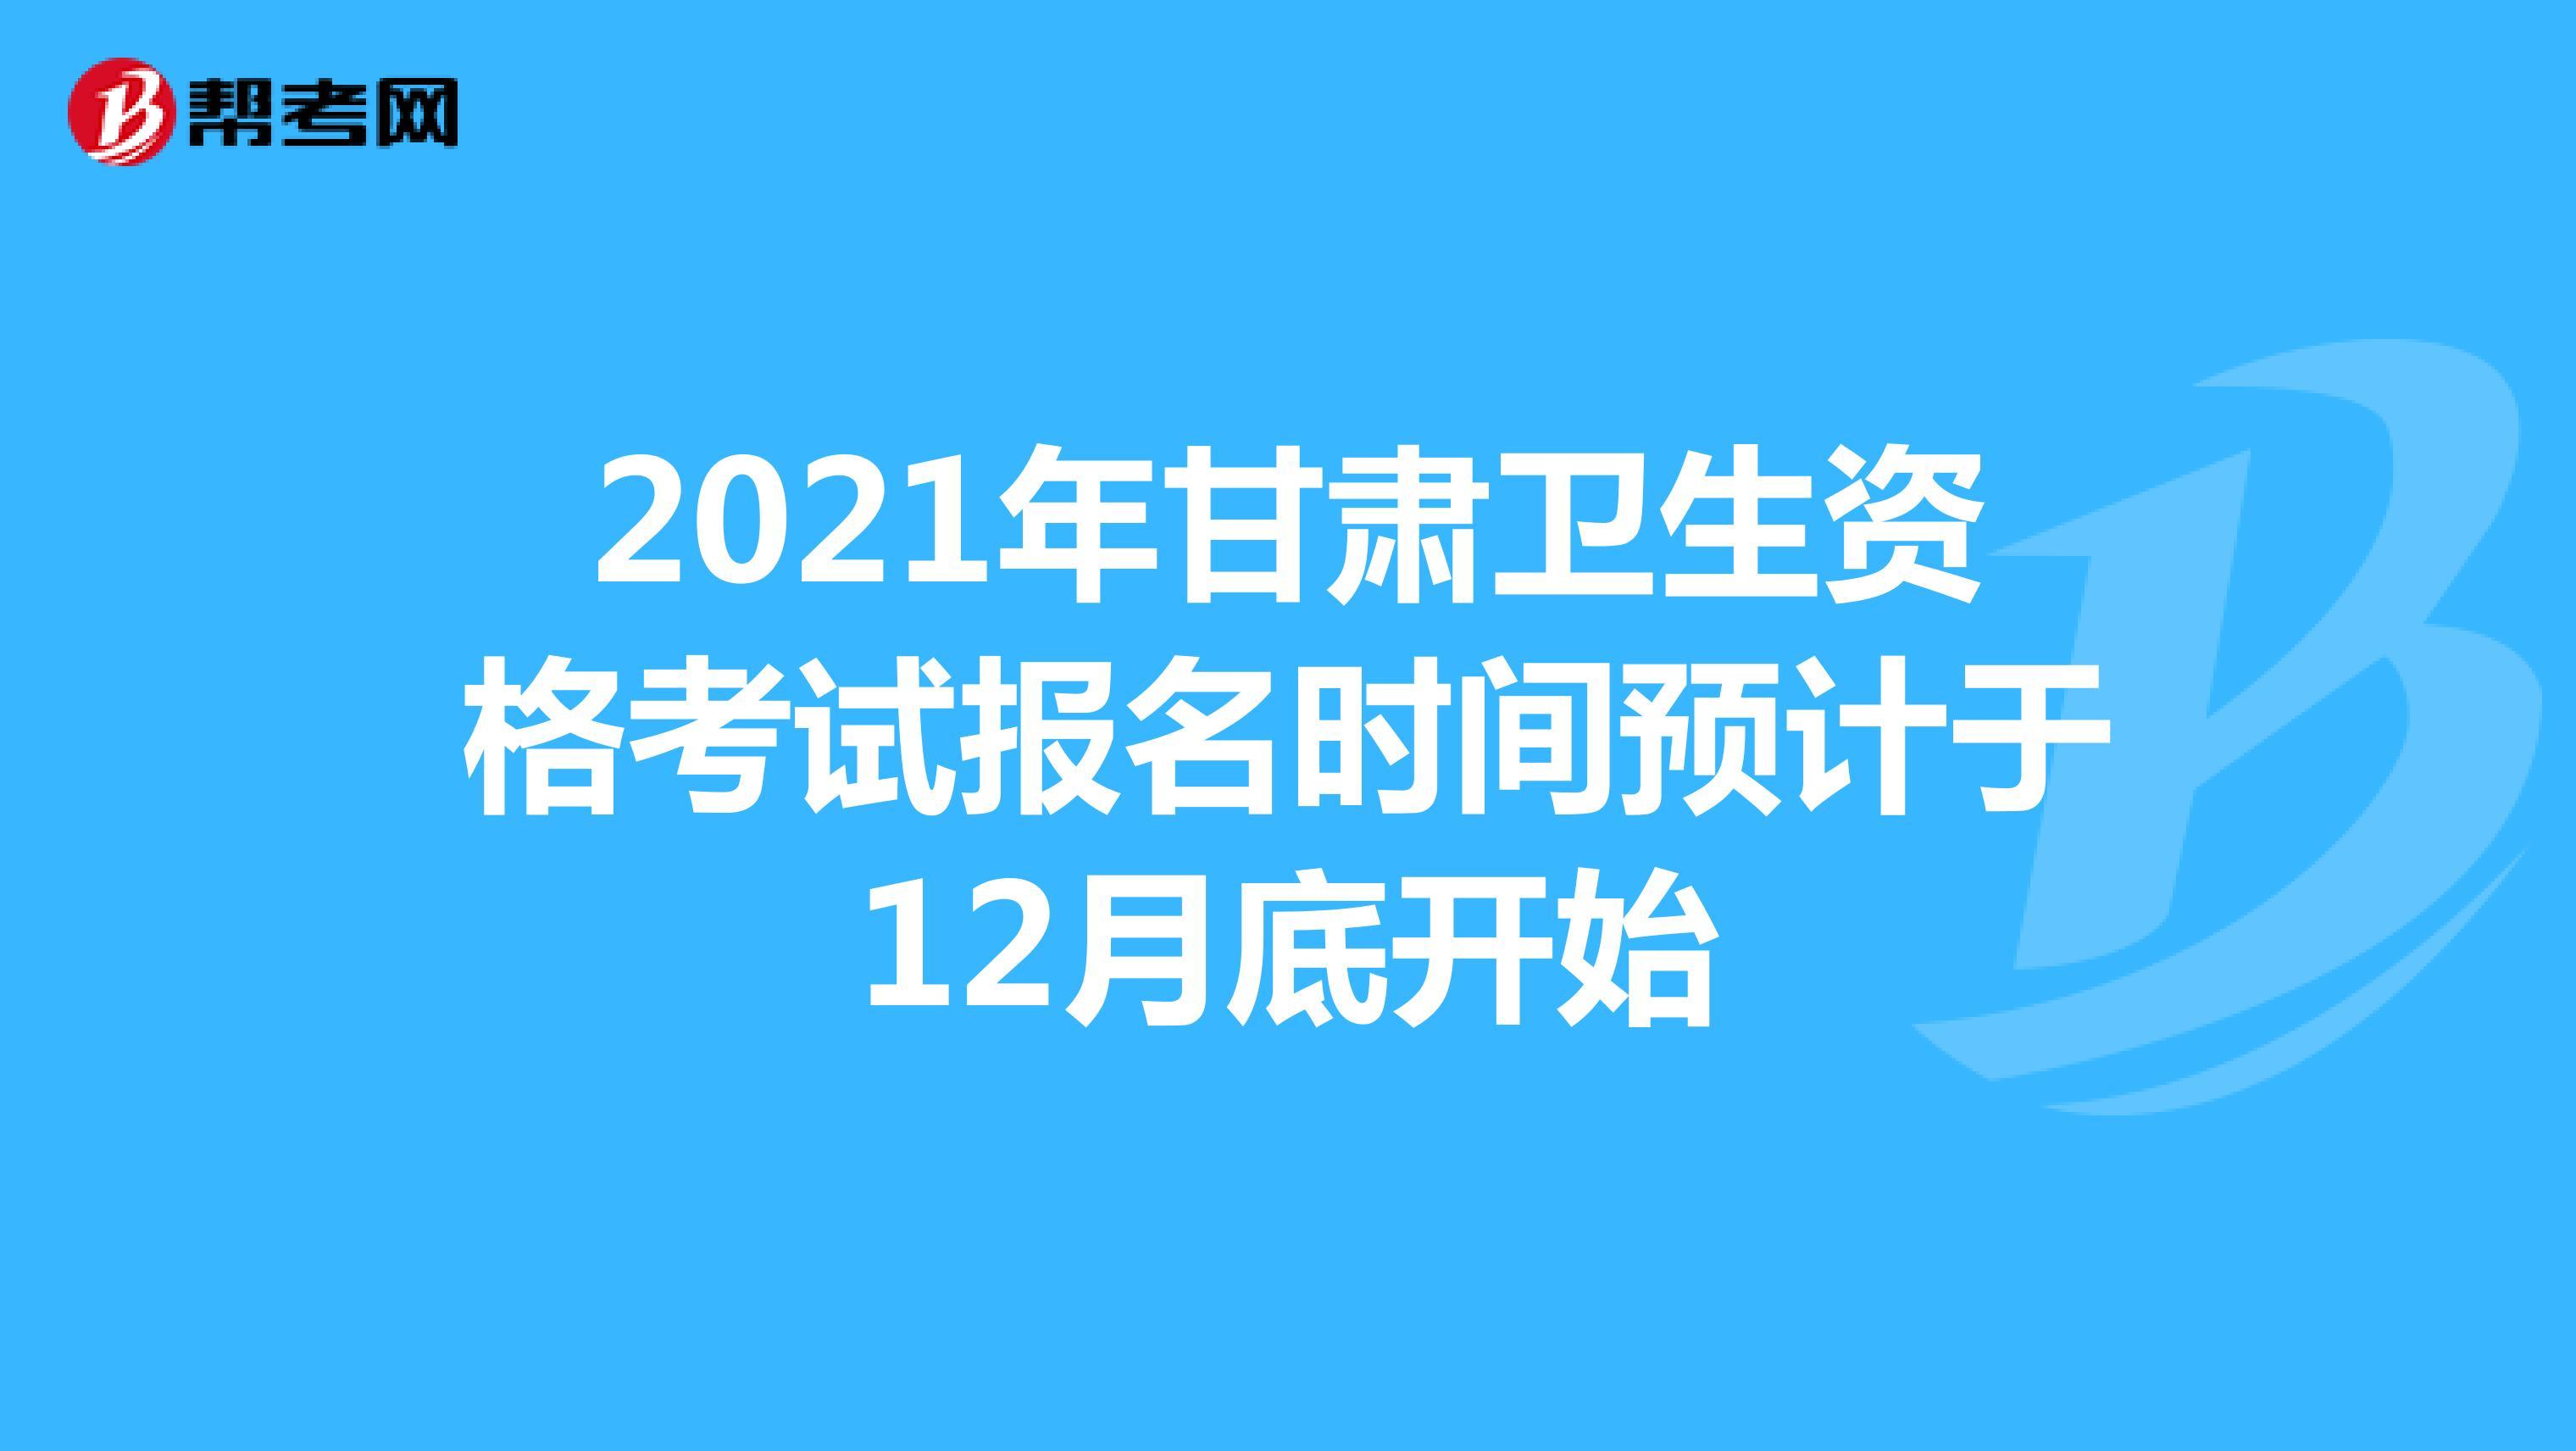 2021年甘肃卫生资格考试报名时间预计于12月底开始